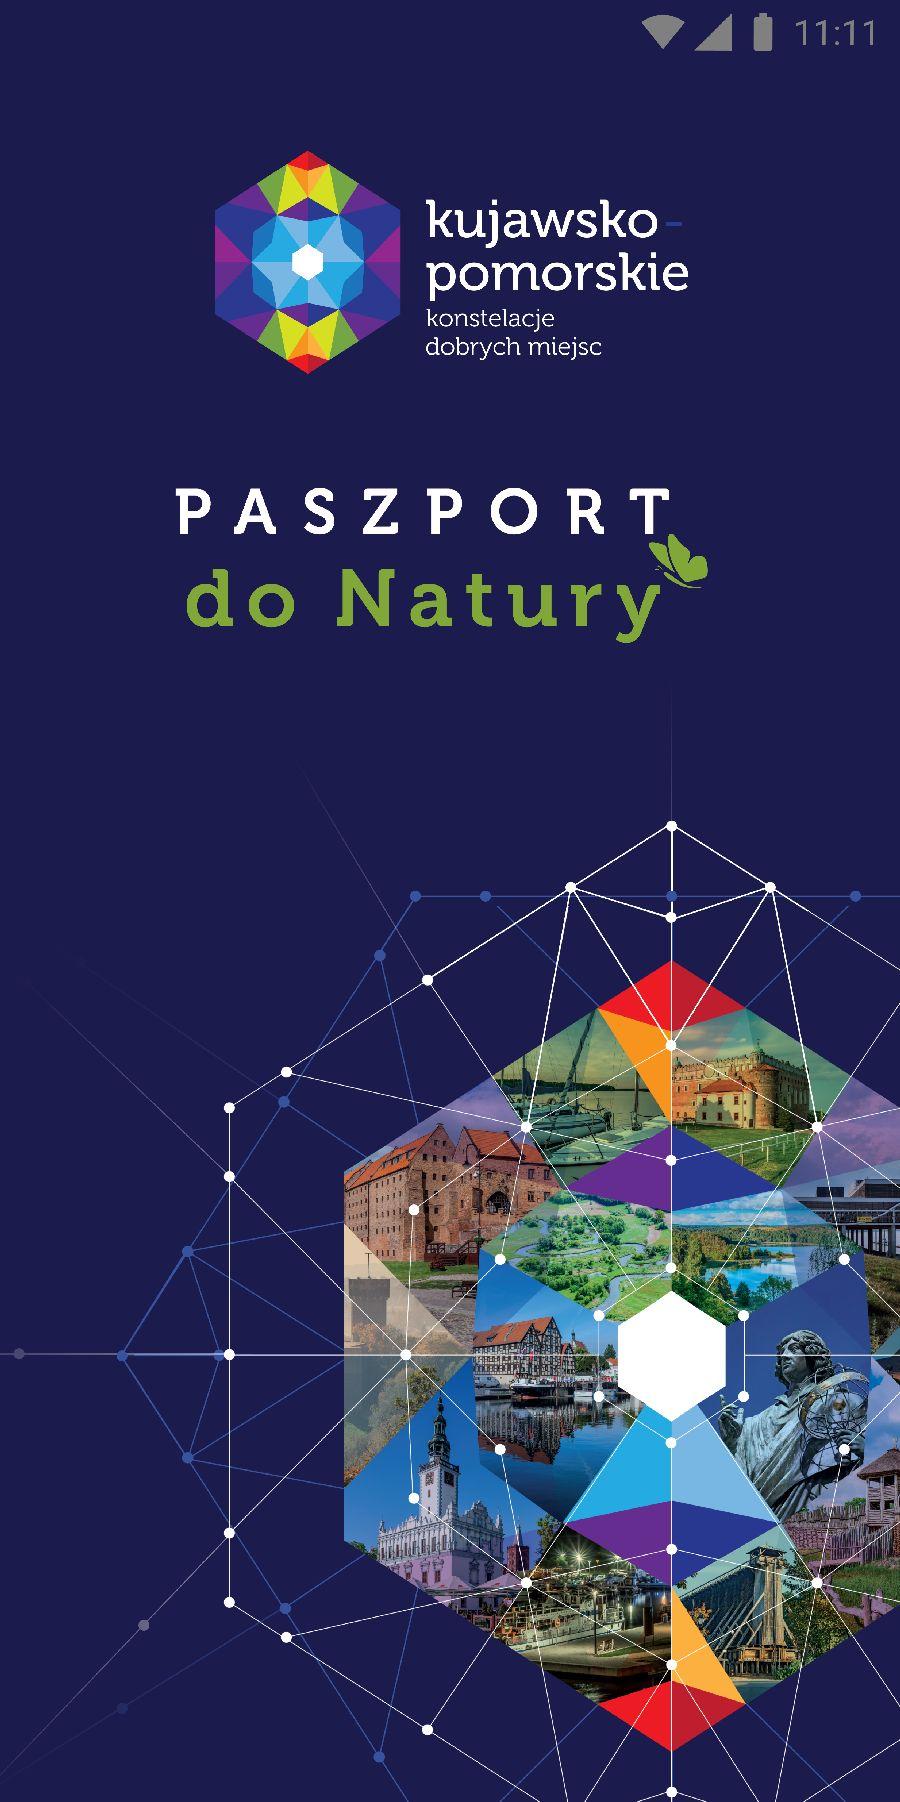 """Kujawsko-pomorski """"Paszport do Natury"""" w wersji mobilnej"""